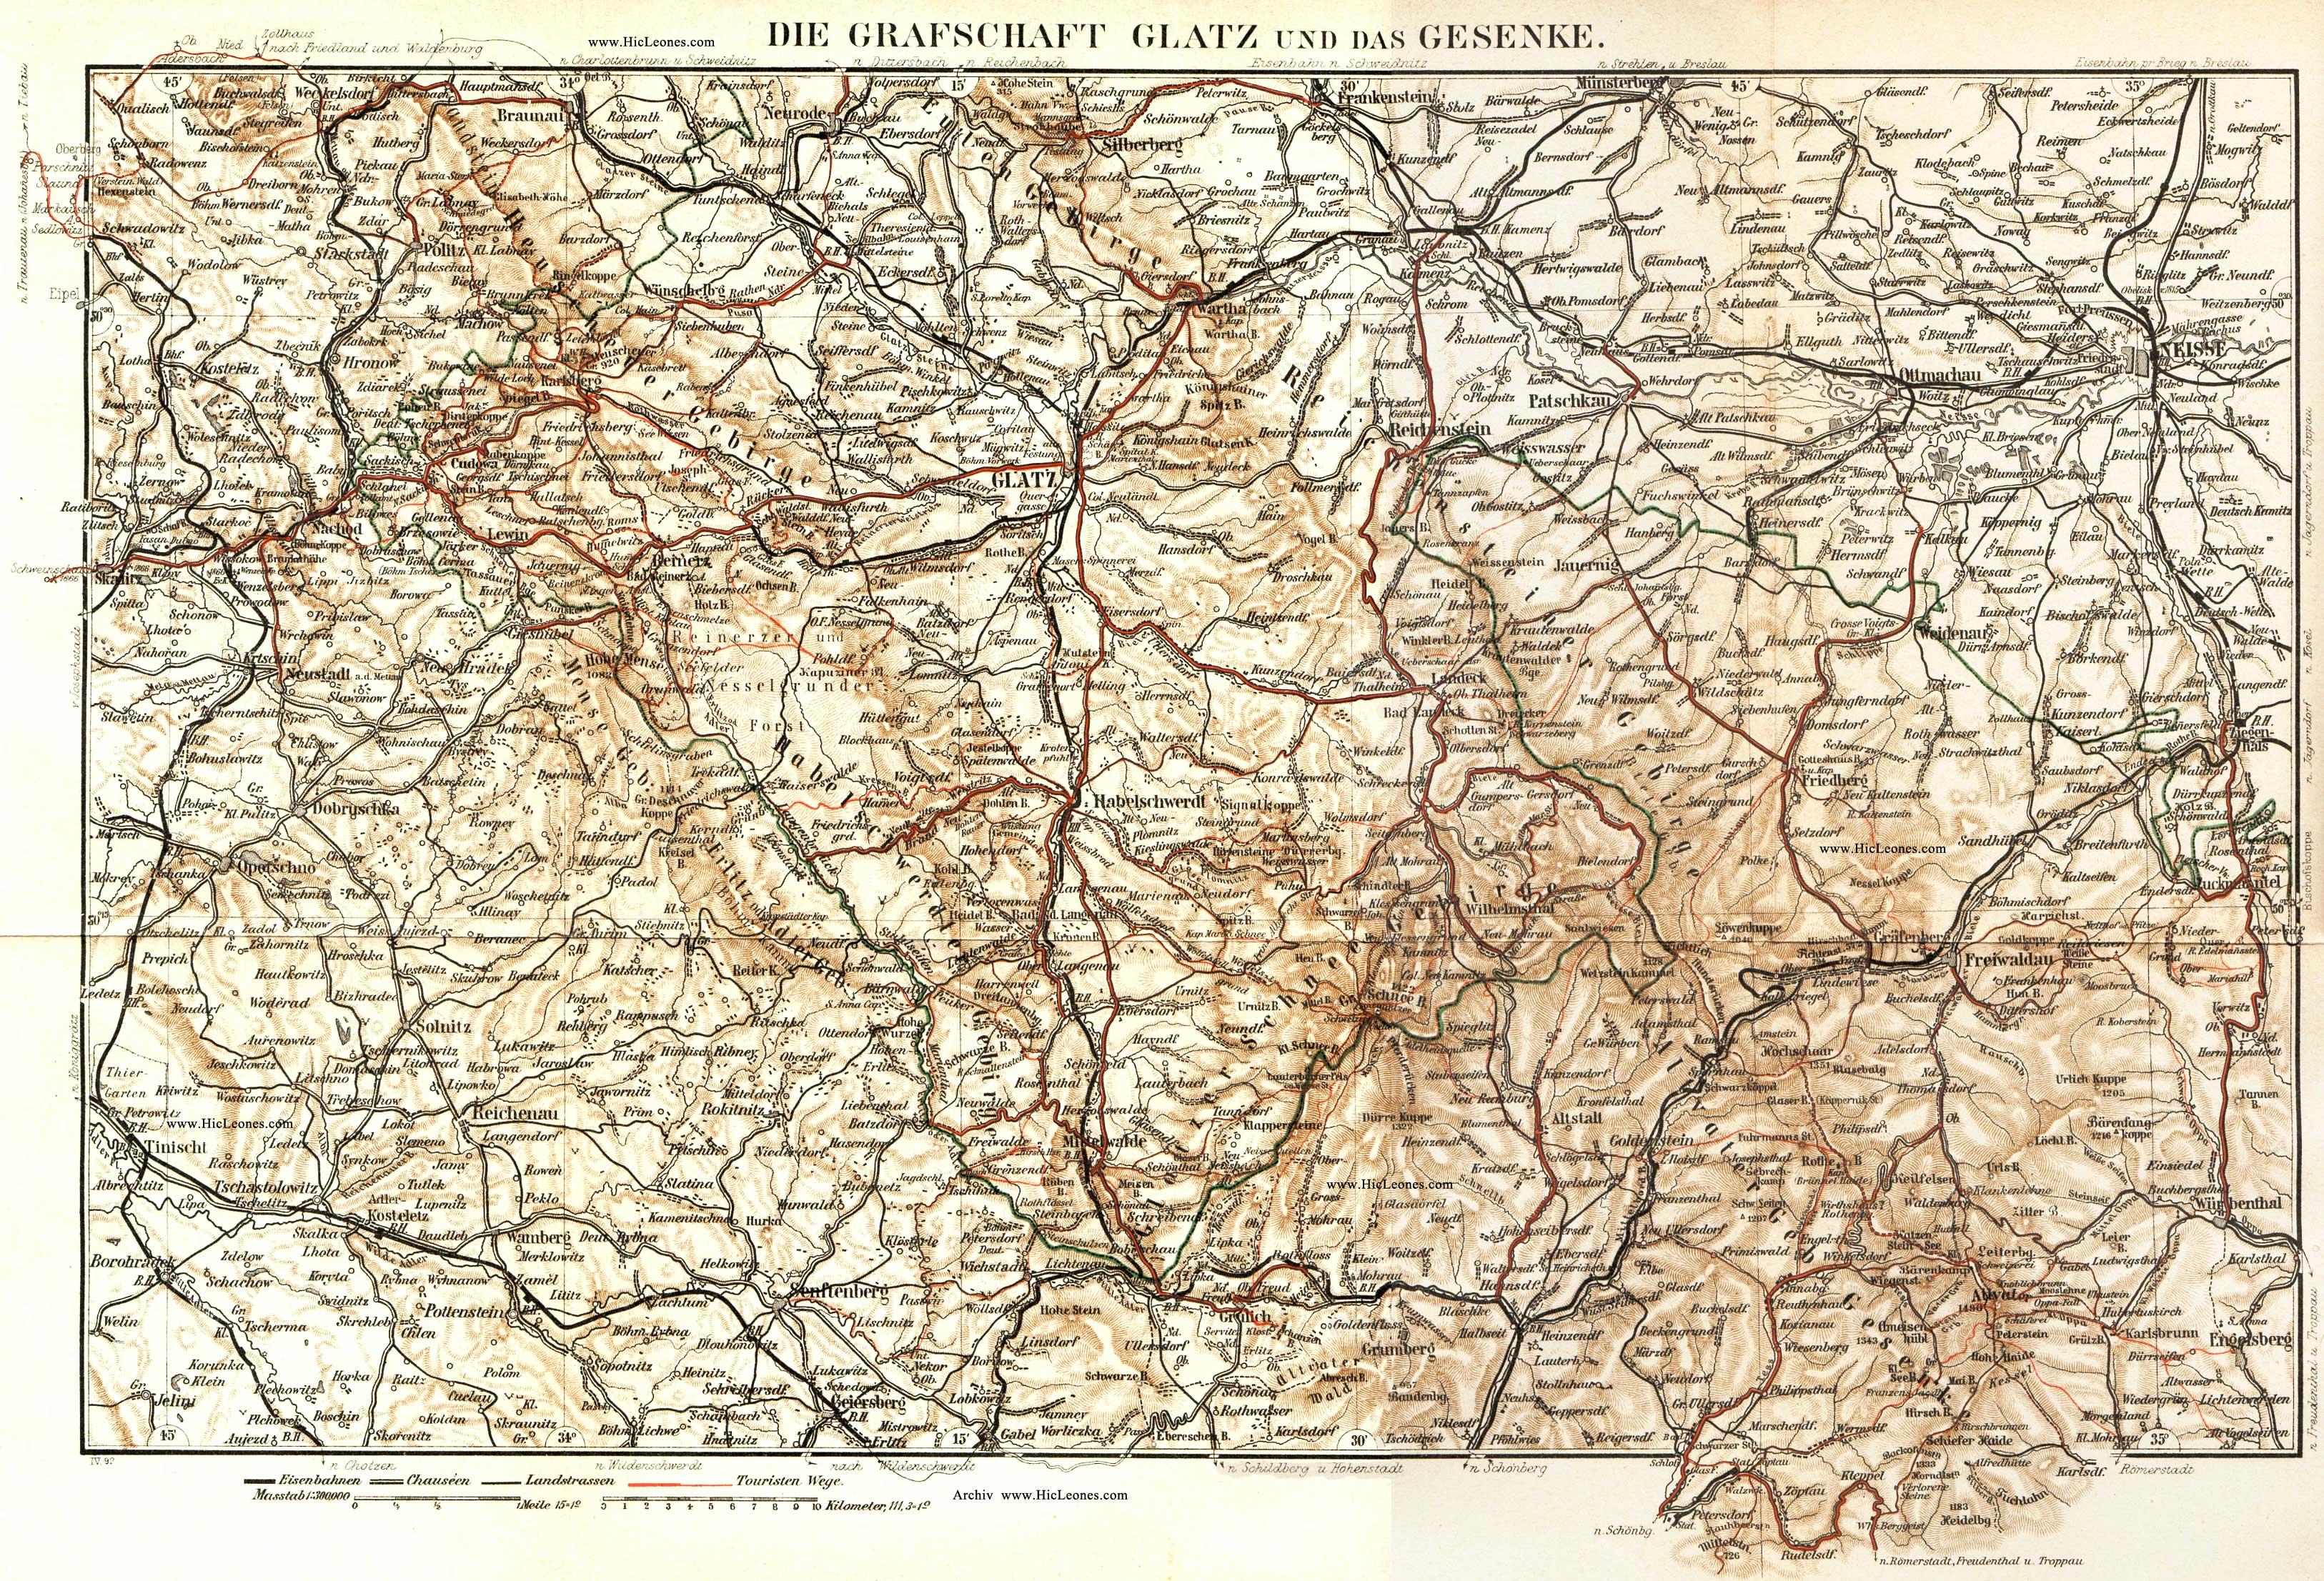 Schlesien Karte Deutsche Ortsnamen.Meyers Reisebücher 1894